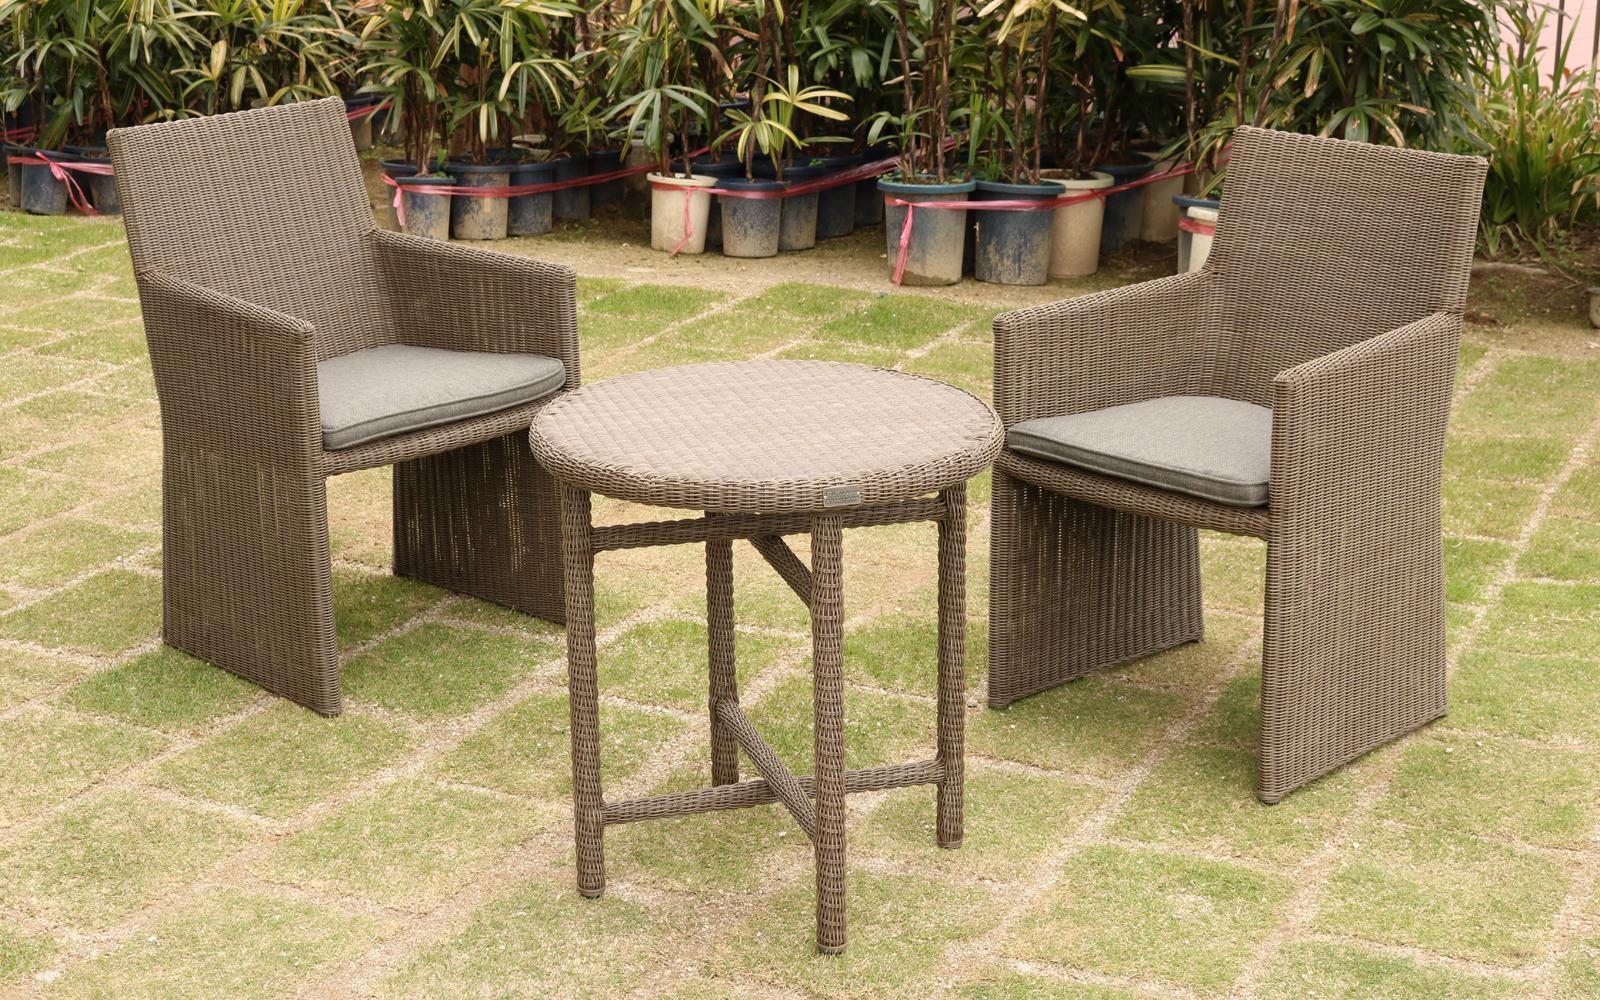 ラタン調テーブル エンジェル リゾートガーデン ラウンドテーブル 商品型番:rtn-t190pgy